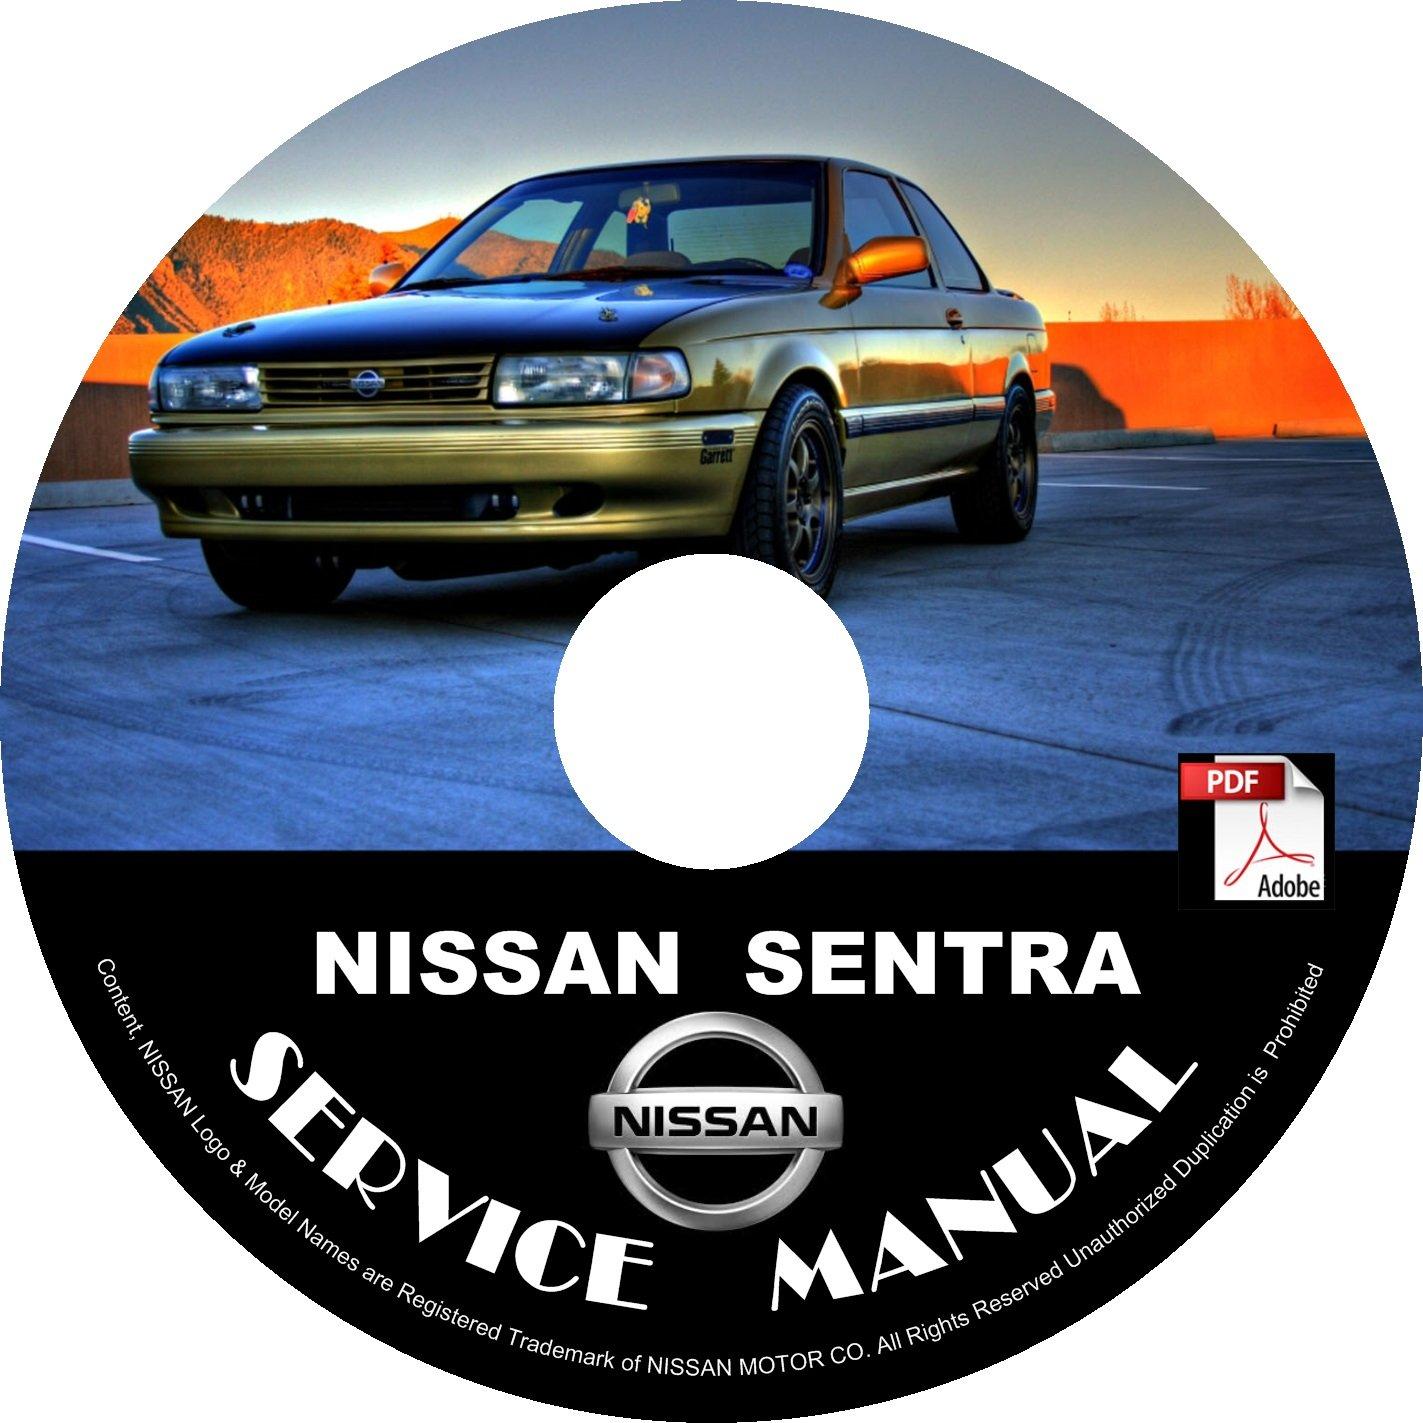 1993 Nissan Sentra Service Repair Shop Manual on CD Fix Repair Rebuild '93 Workshop Guide